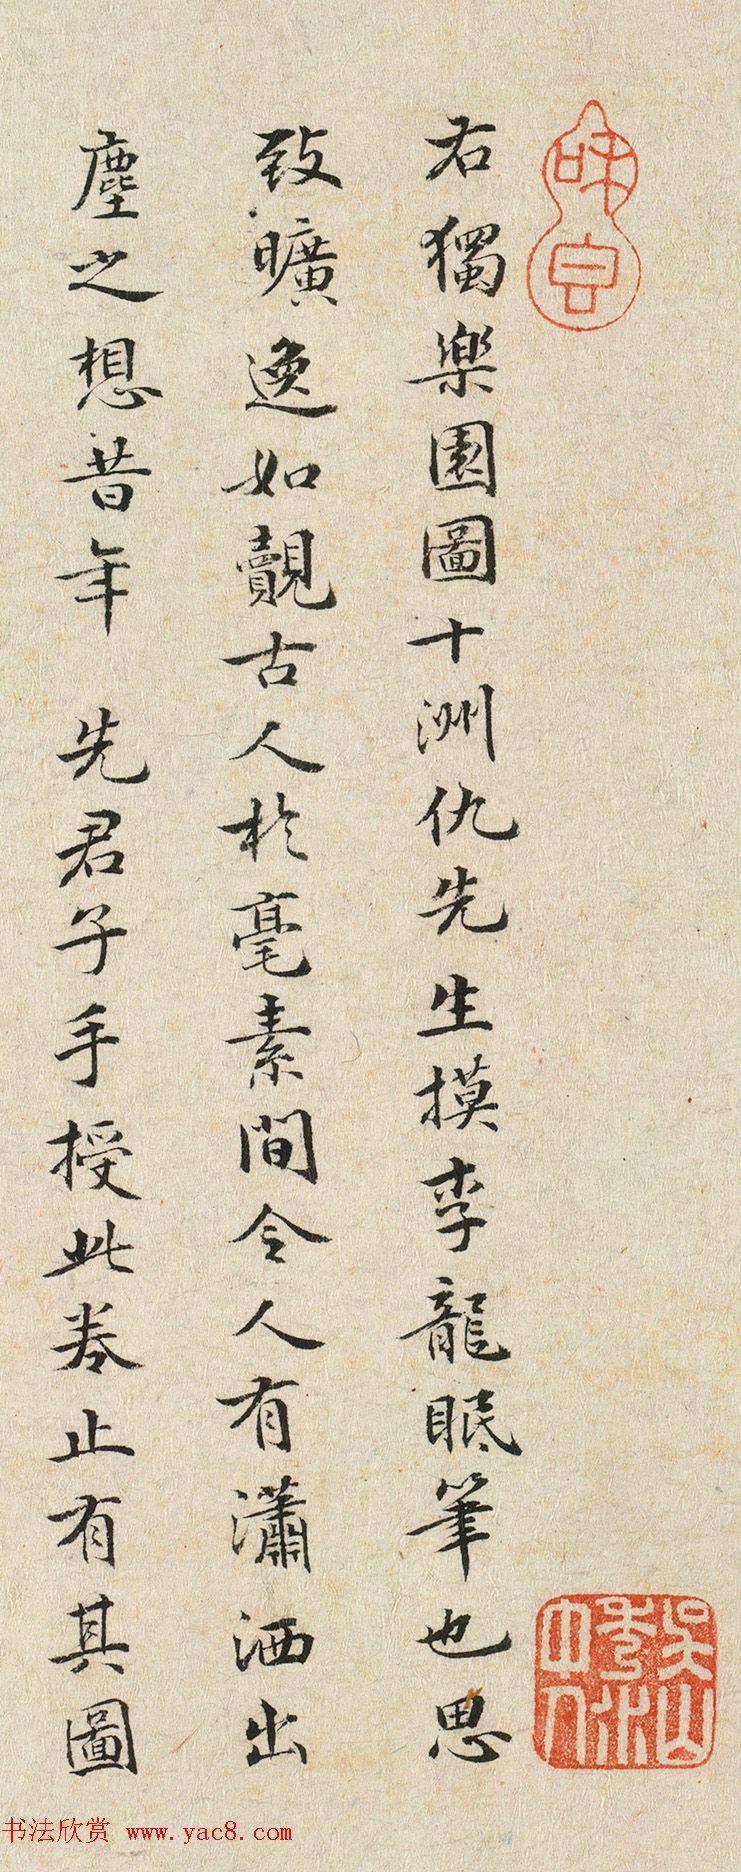 明代诗人项禹揆小行楷书法题识